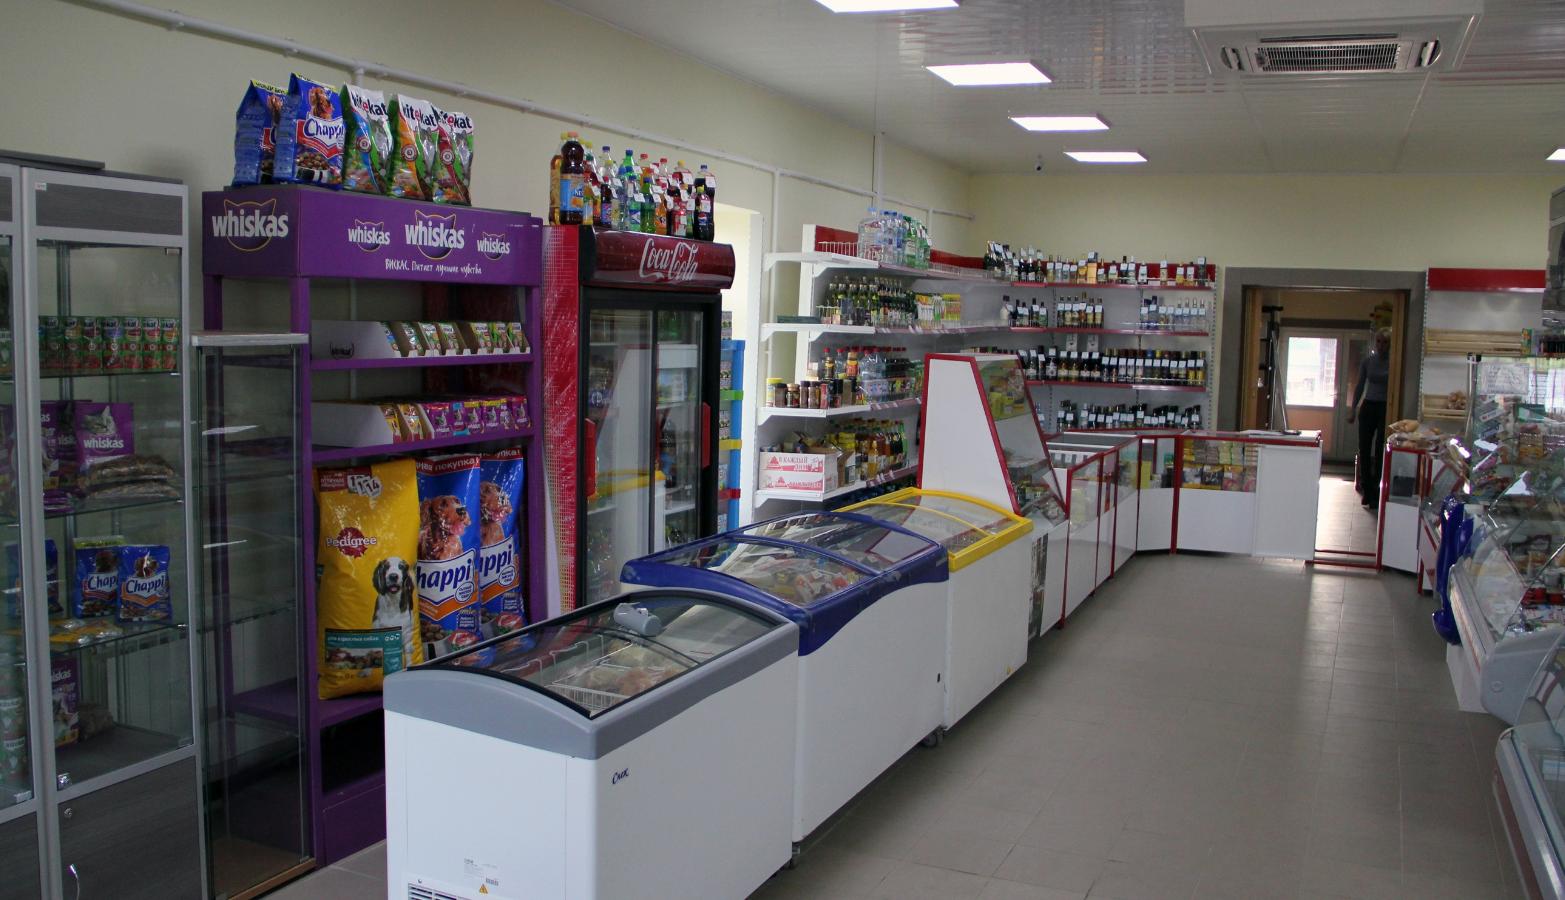 як організувати бізнес з відкриття продуктового магазину